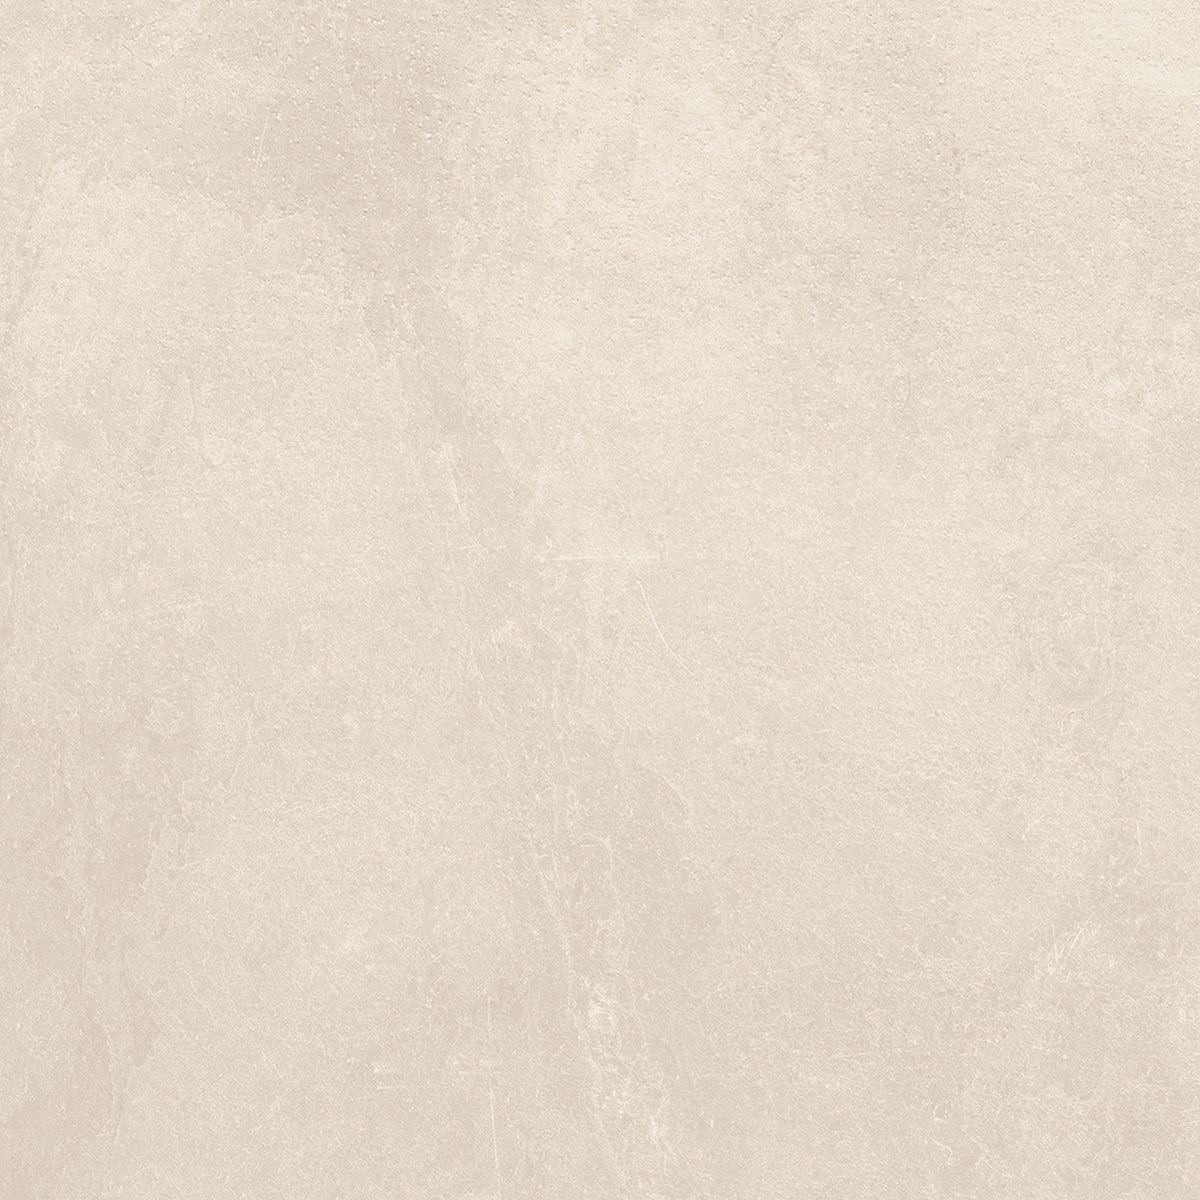 AHOI beige Image